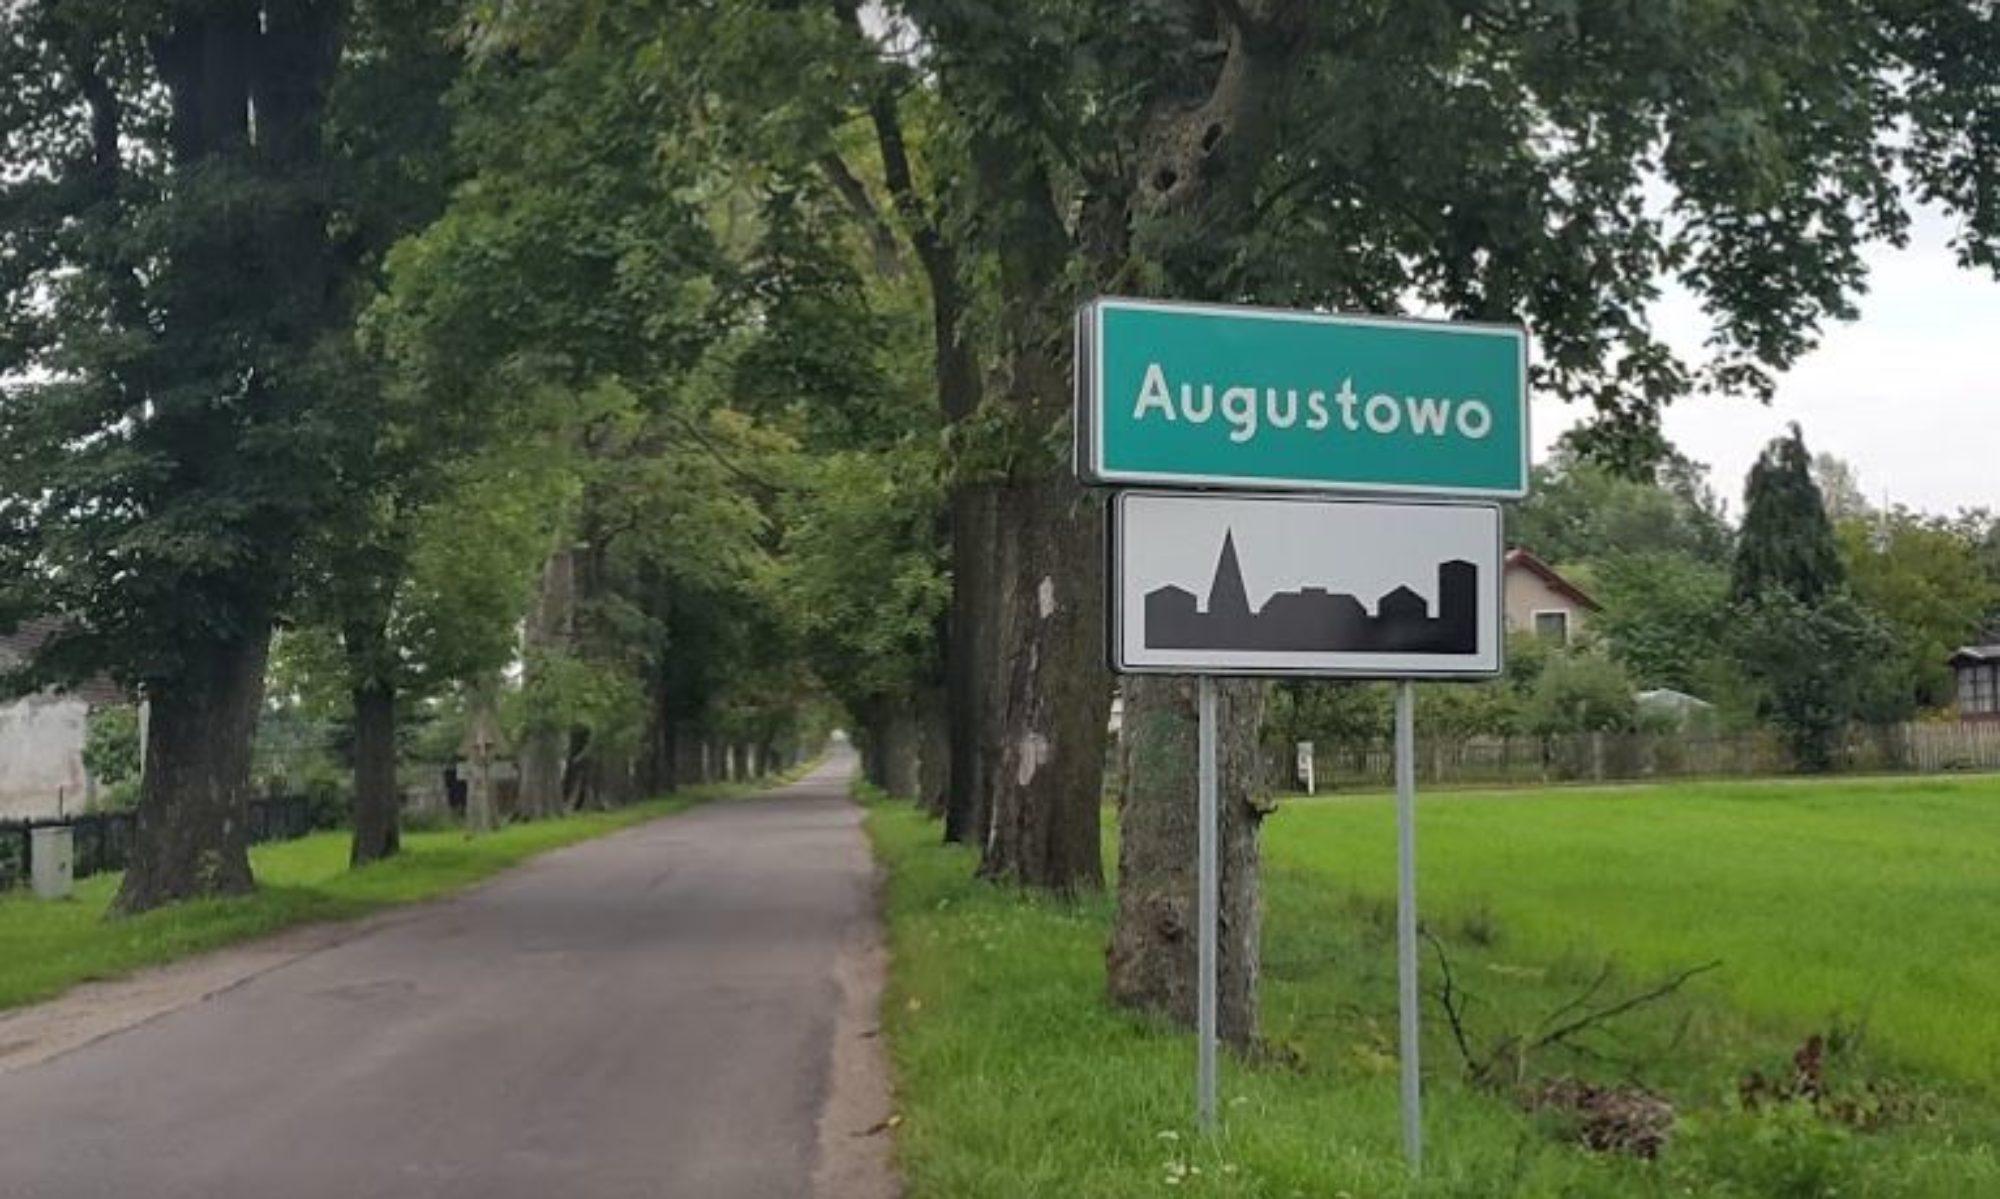 Augustowo